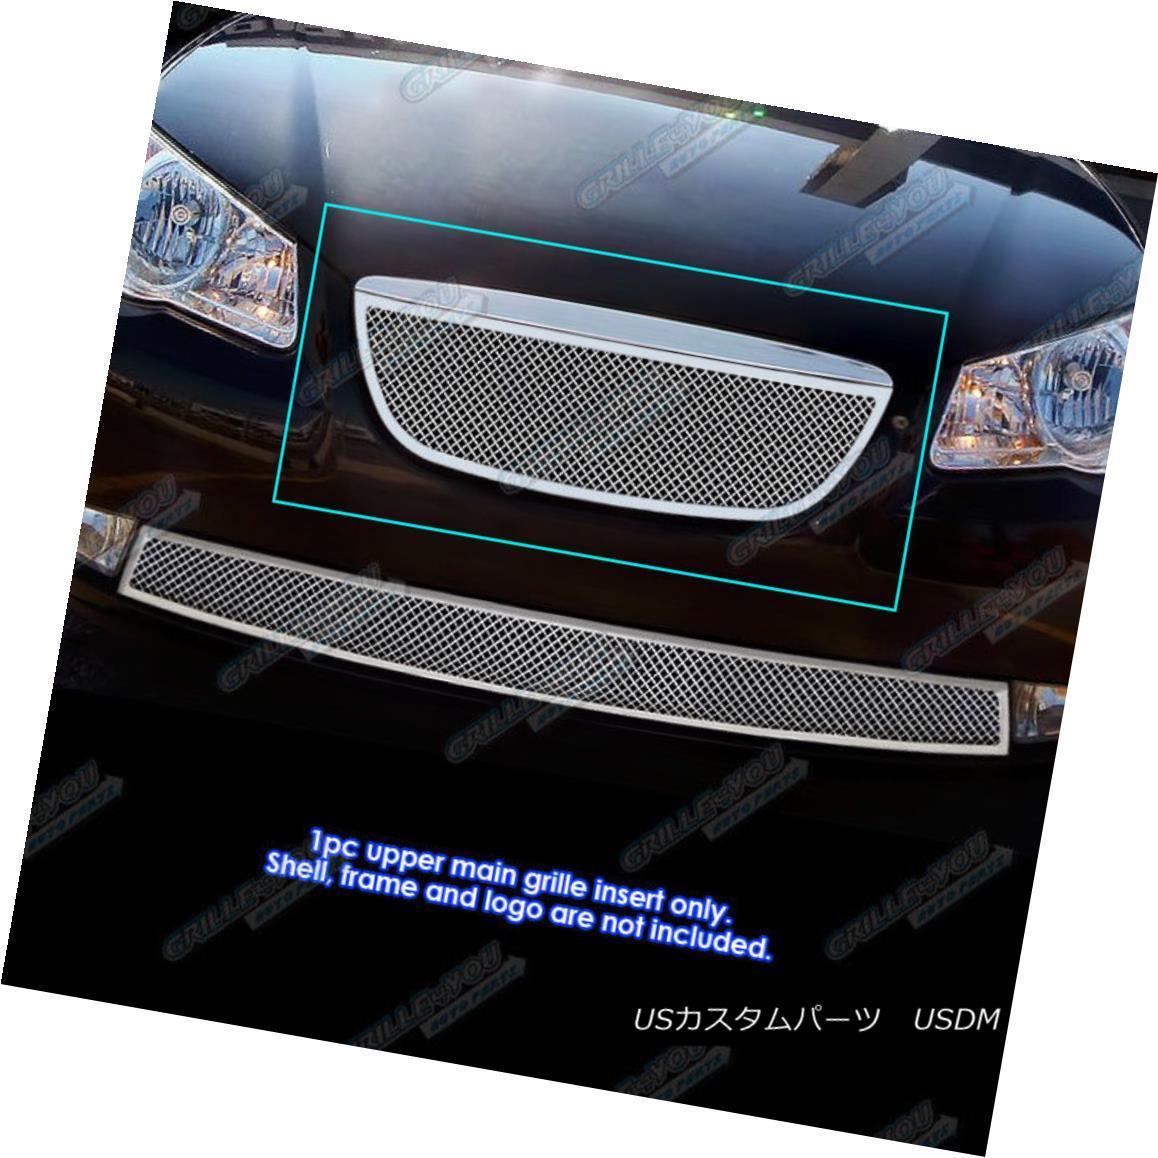 グリル For 2007-2010 Hyundai Elantra Sedan Stainless Steel Mesh Grille Grill Insert 現代エラントラセダンステンレスメッシュグリルグリルインサート